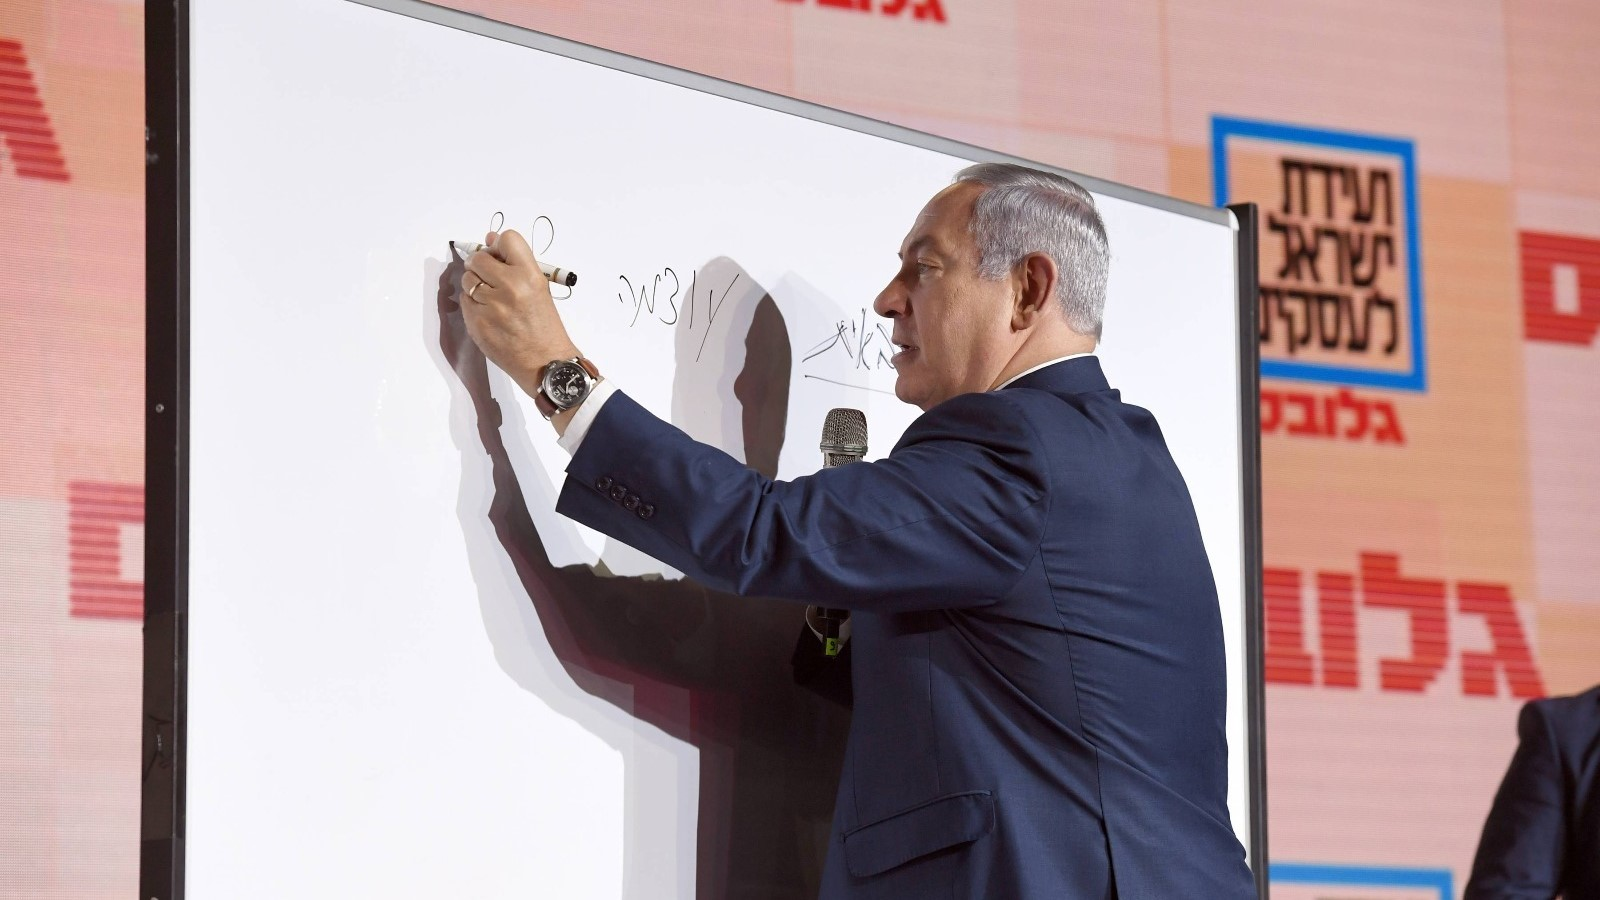 כלכלת ישראל חזקה: האבטלה הנמוכה ביותר מאז שנות ה-80. נתניהו ל-0404: ״נמשיך להיטיב עם אזרחי ישראל״